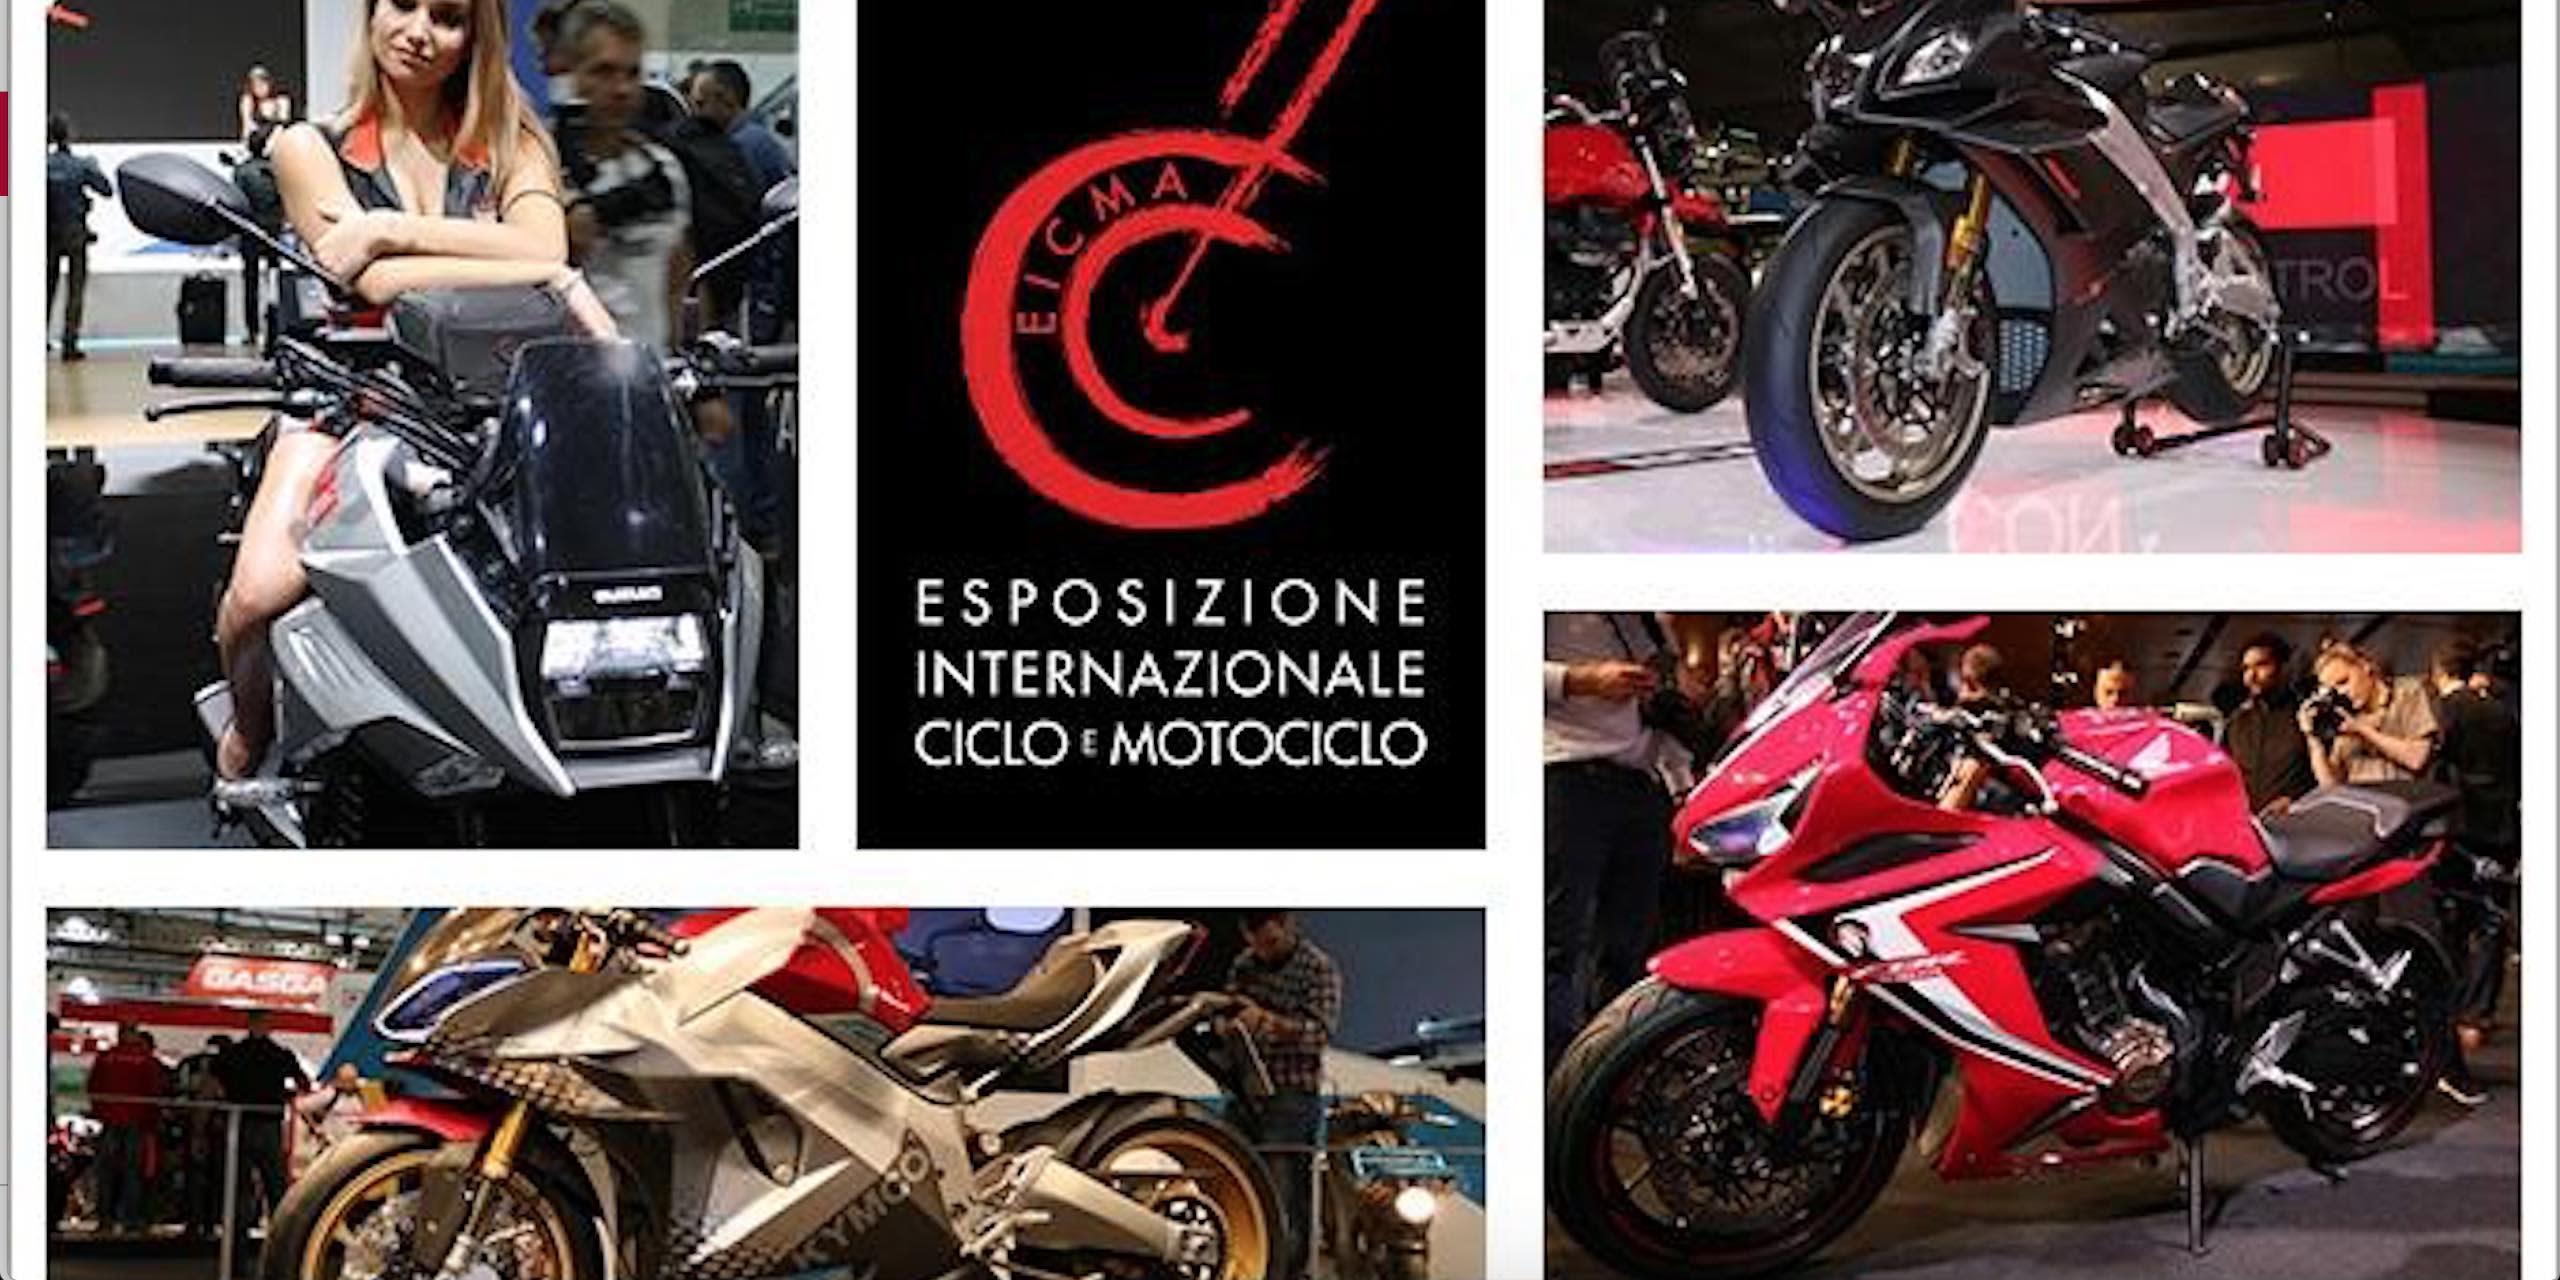 2018 義大利米蘭車展特輯 日本車廠重點整理